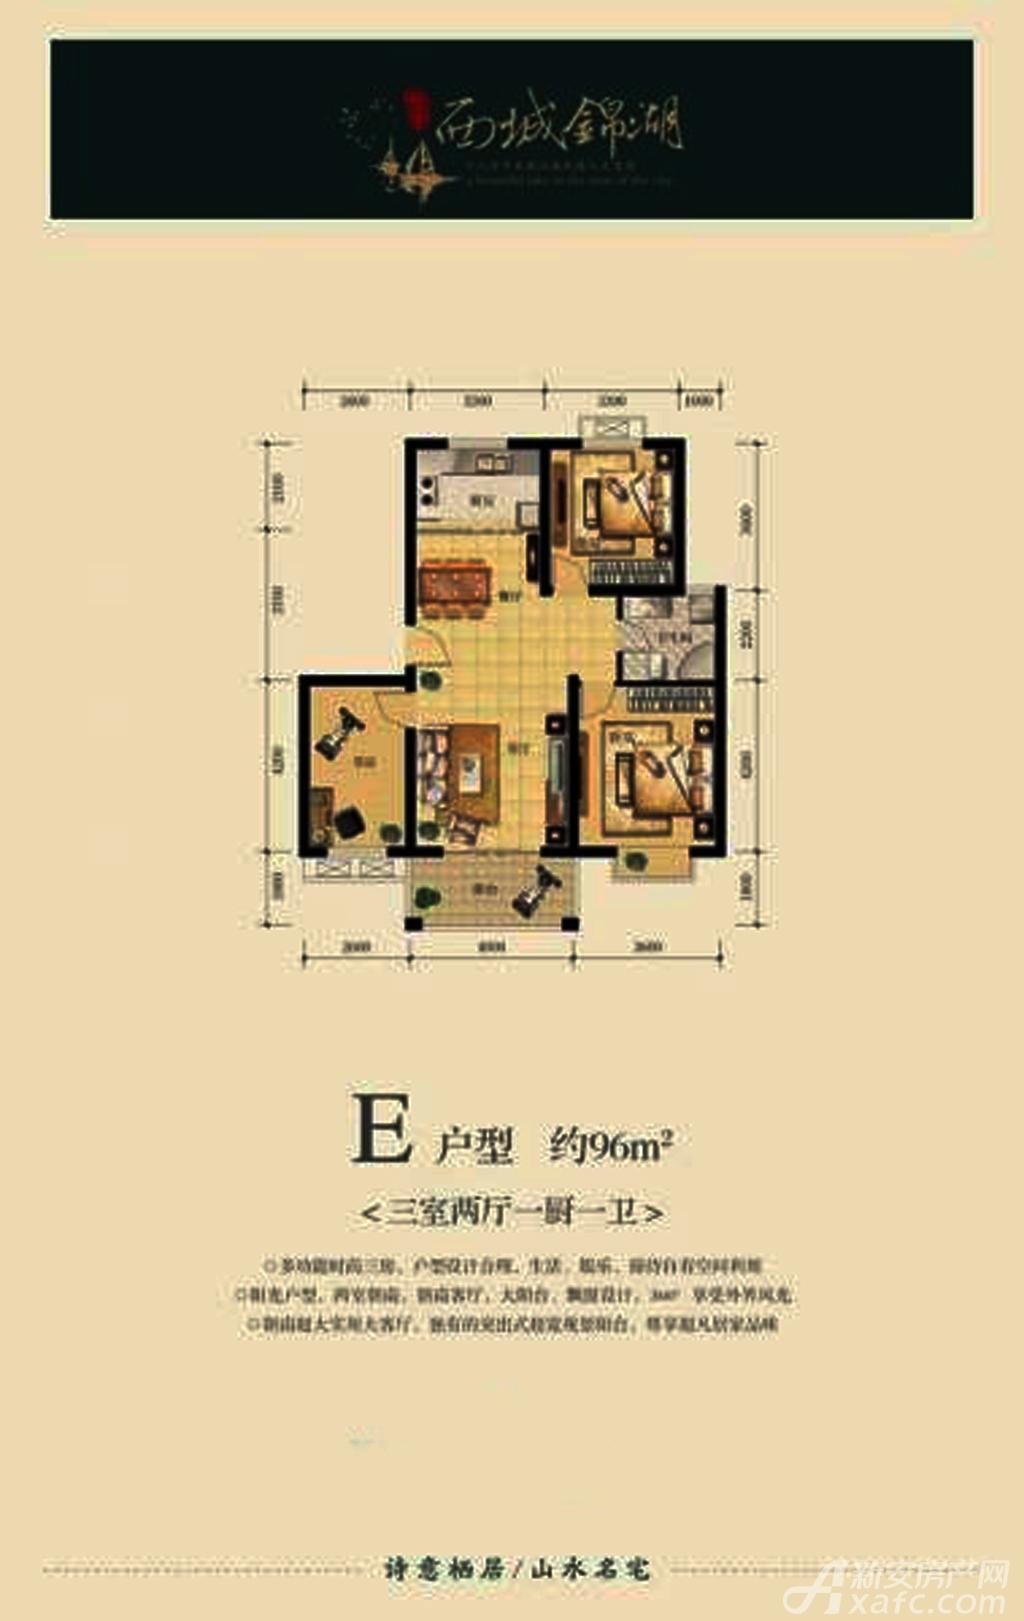 国鑫西城锦湖E户型3室2厅96平米